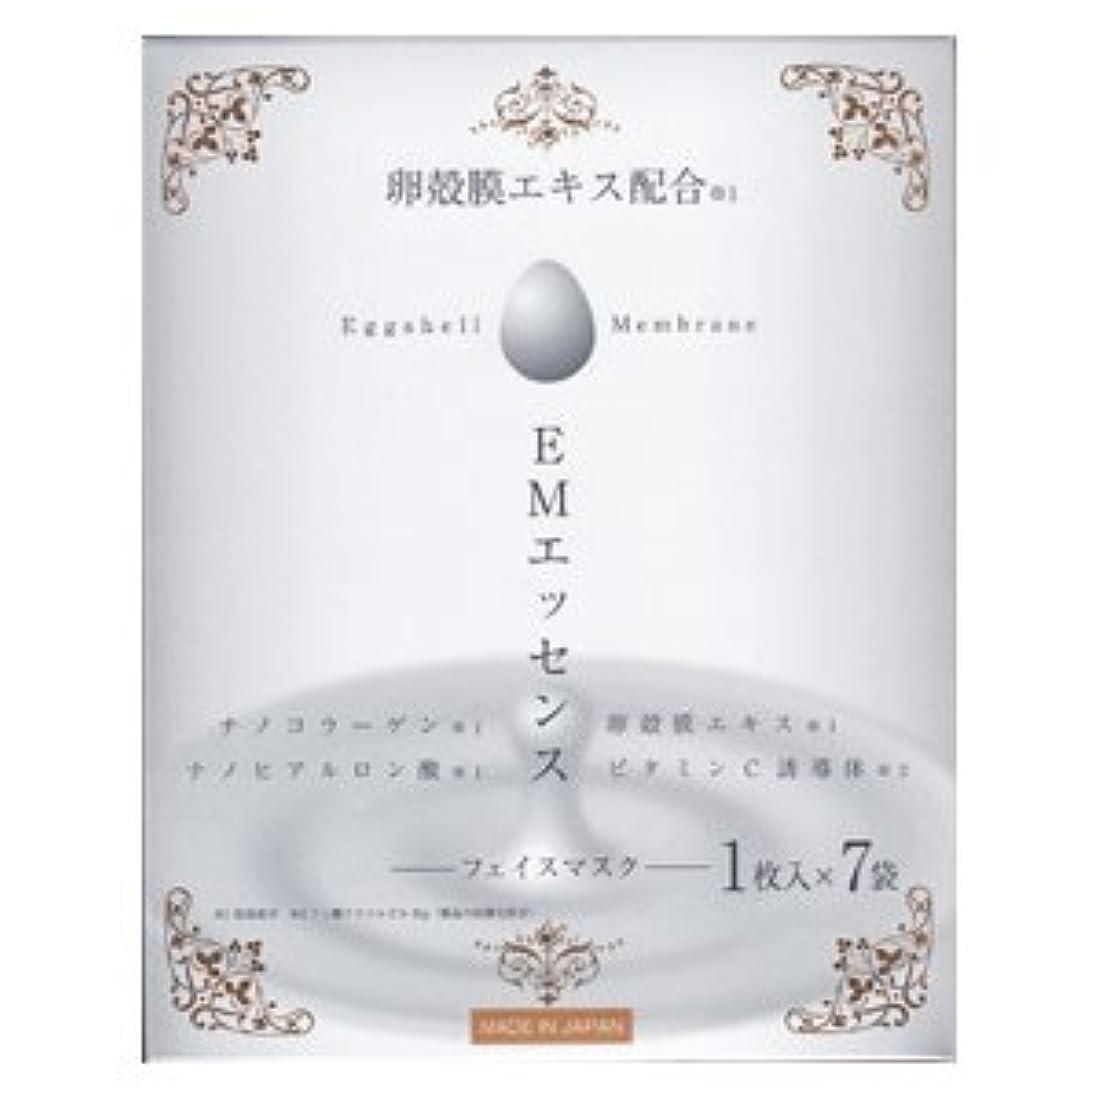 ペット矛盾するミント卵殻膜エキス配合 EMエッセンス フェイスマスク 1枚入×7袋